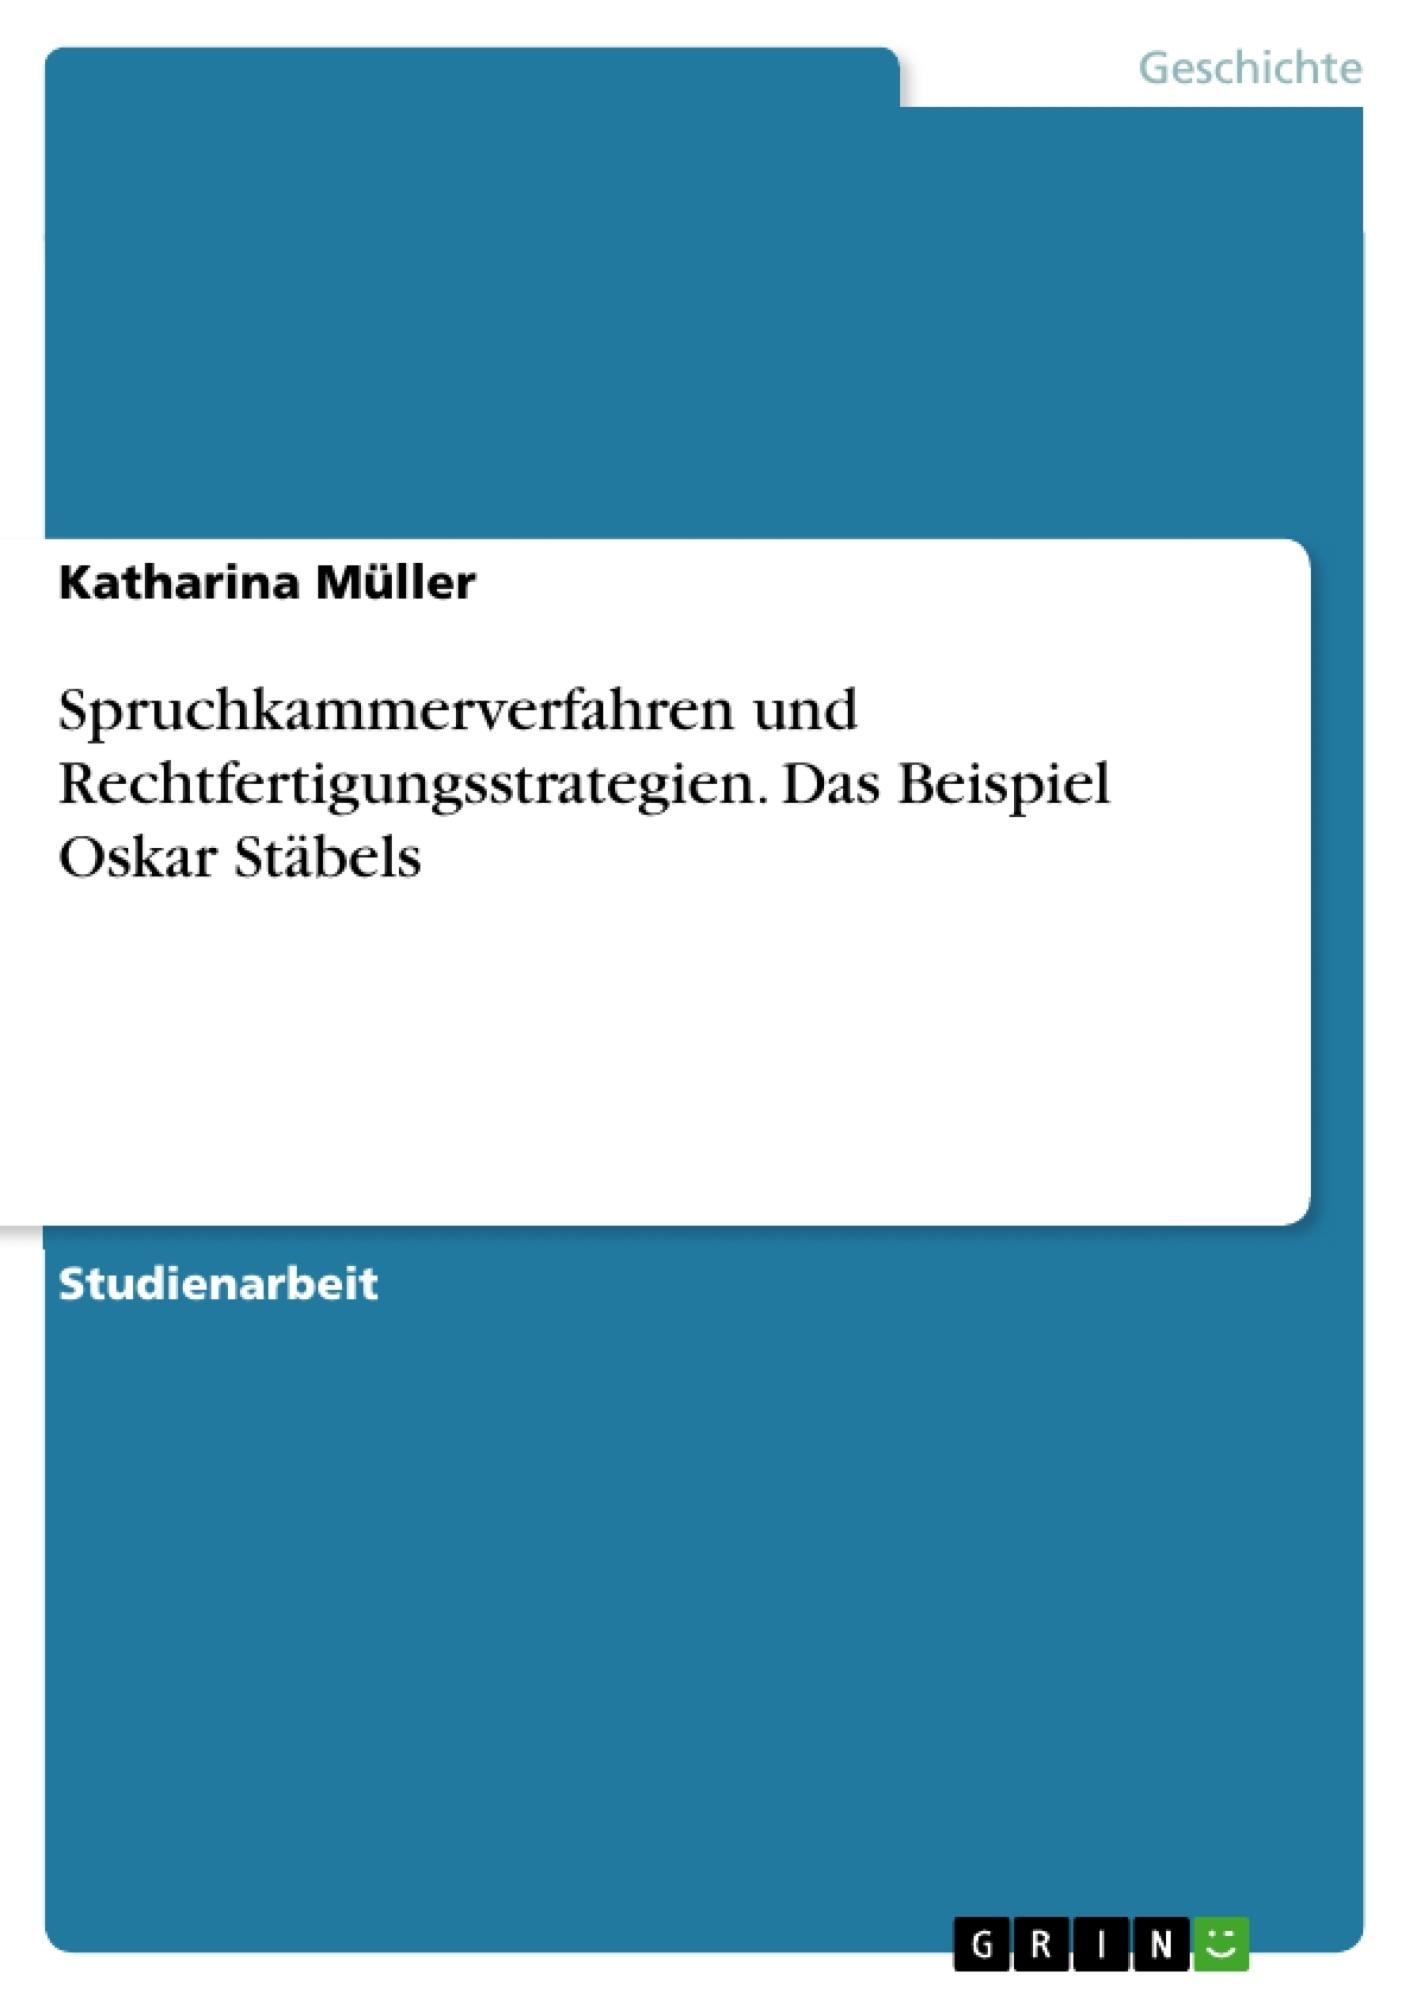 Titel: Spruchkammerverfahren und Rechtfertigungsstrategien. Das Beispiel Oskar Stäbels